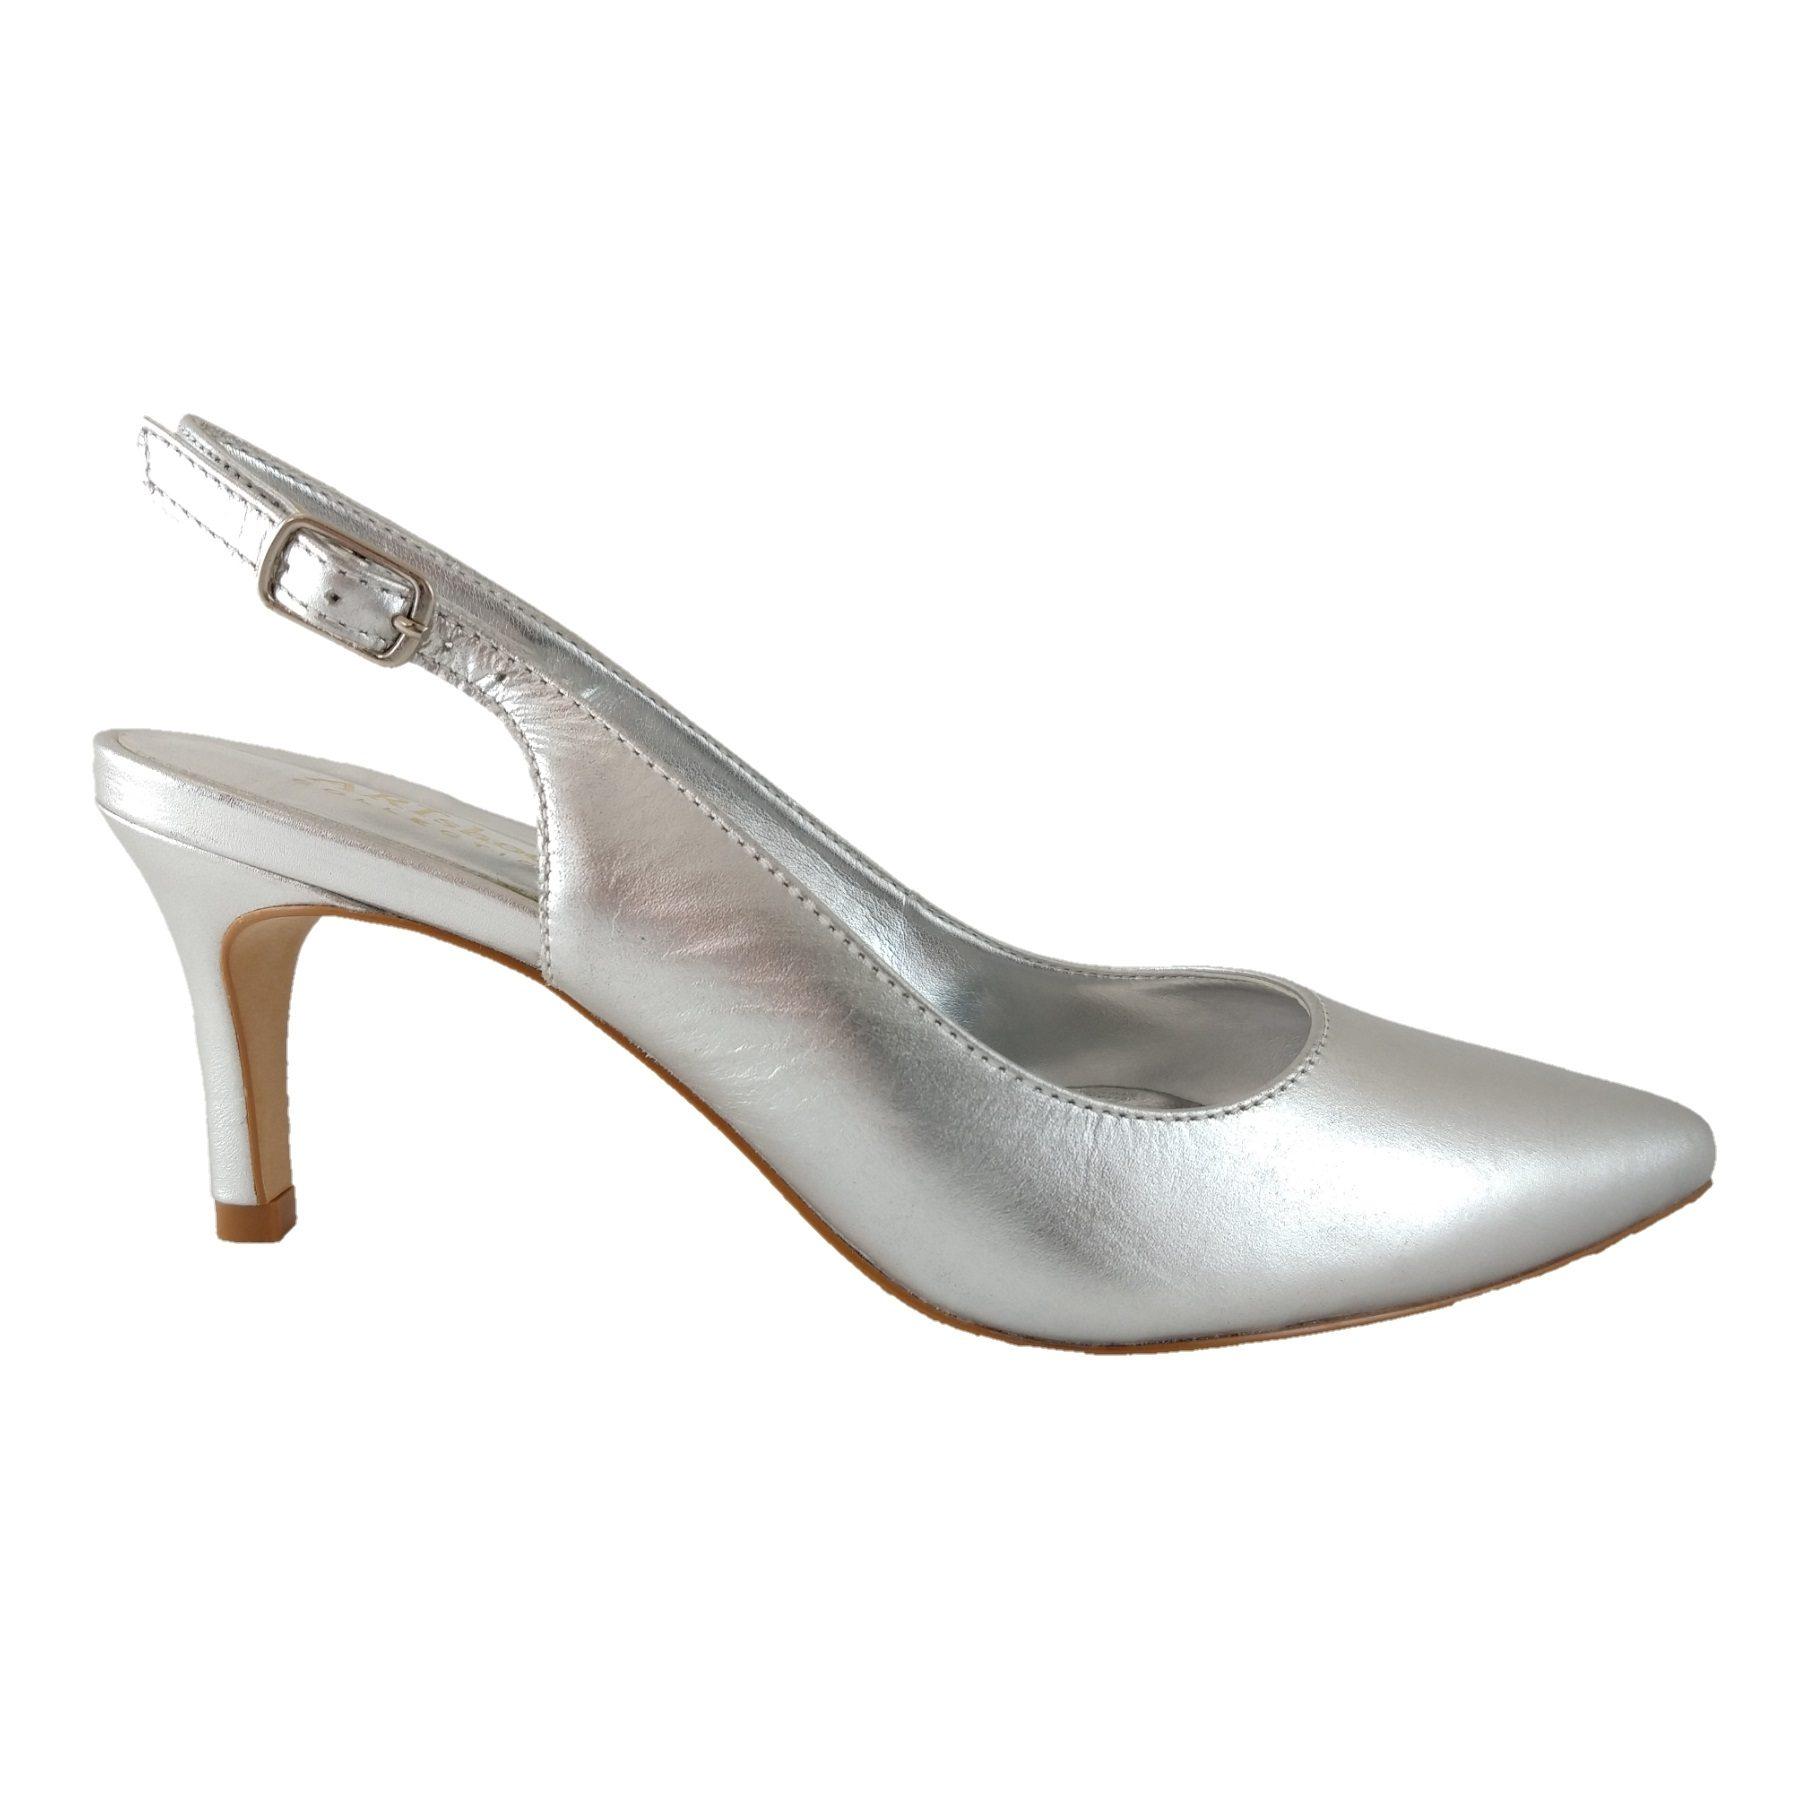 Scarpin Chanel SapatoWeb Couro Prata  - SAPATOWEB.COM